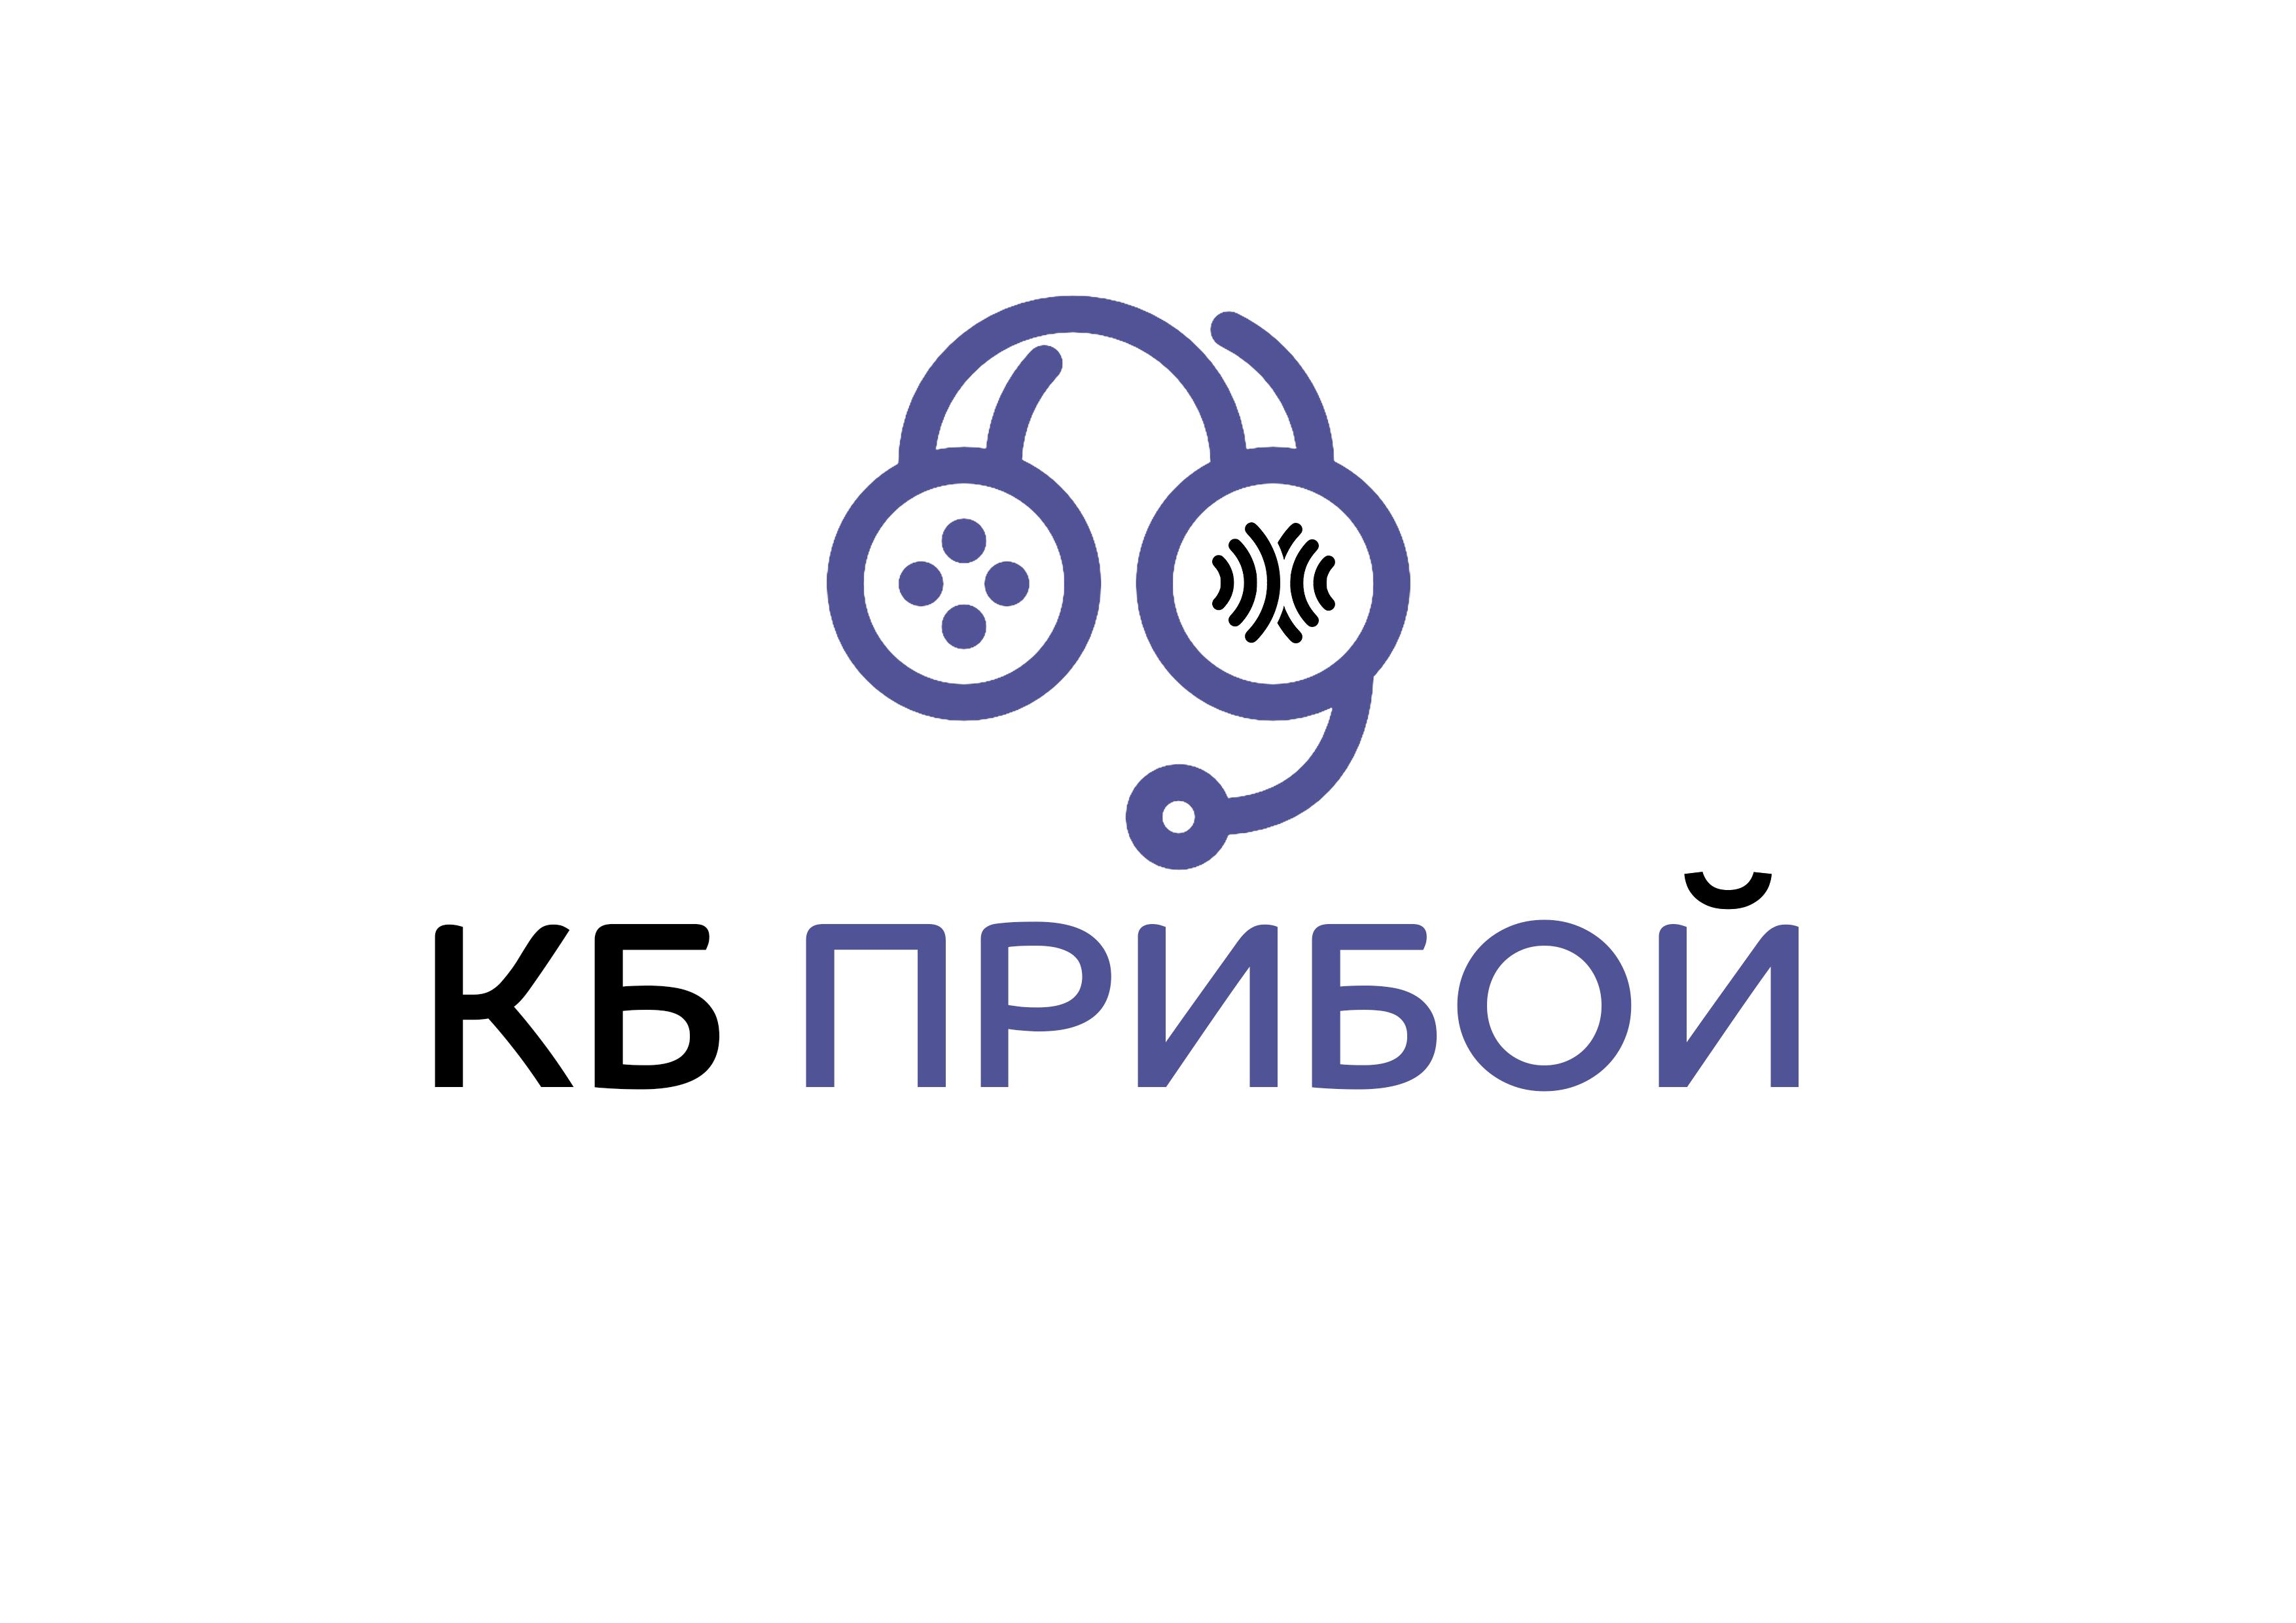 Разработка логотипа и фирменного стиля для КБ Прибой фото f_5815b278a6a5423a.jpg